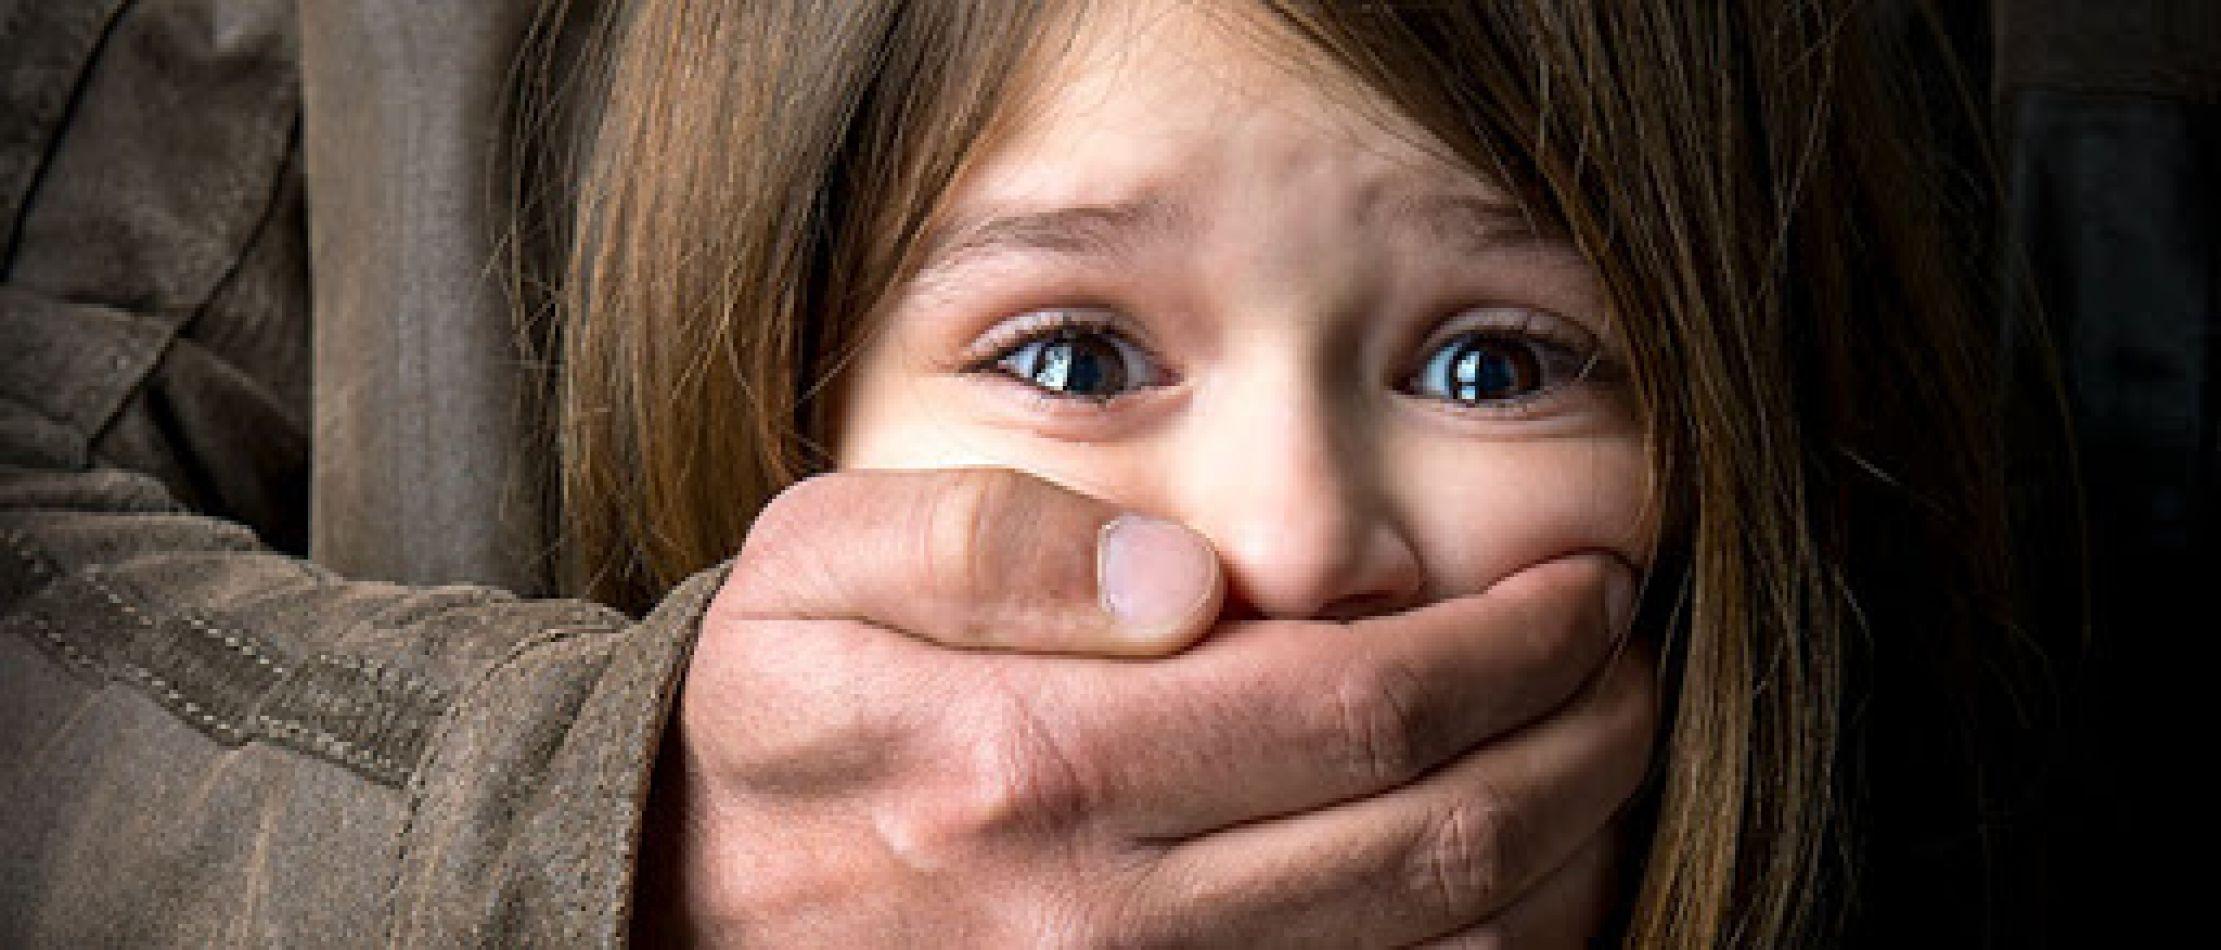 13 años de prisión para un primo que abusó de menores de edad